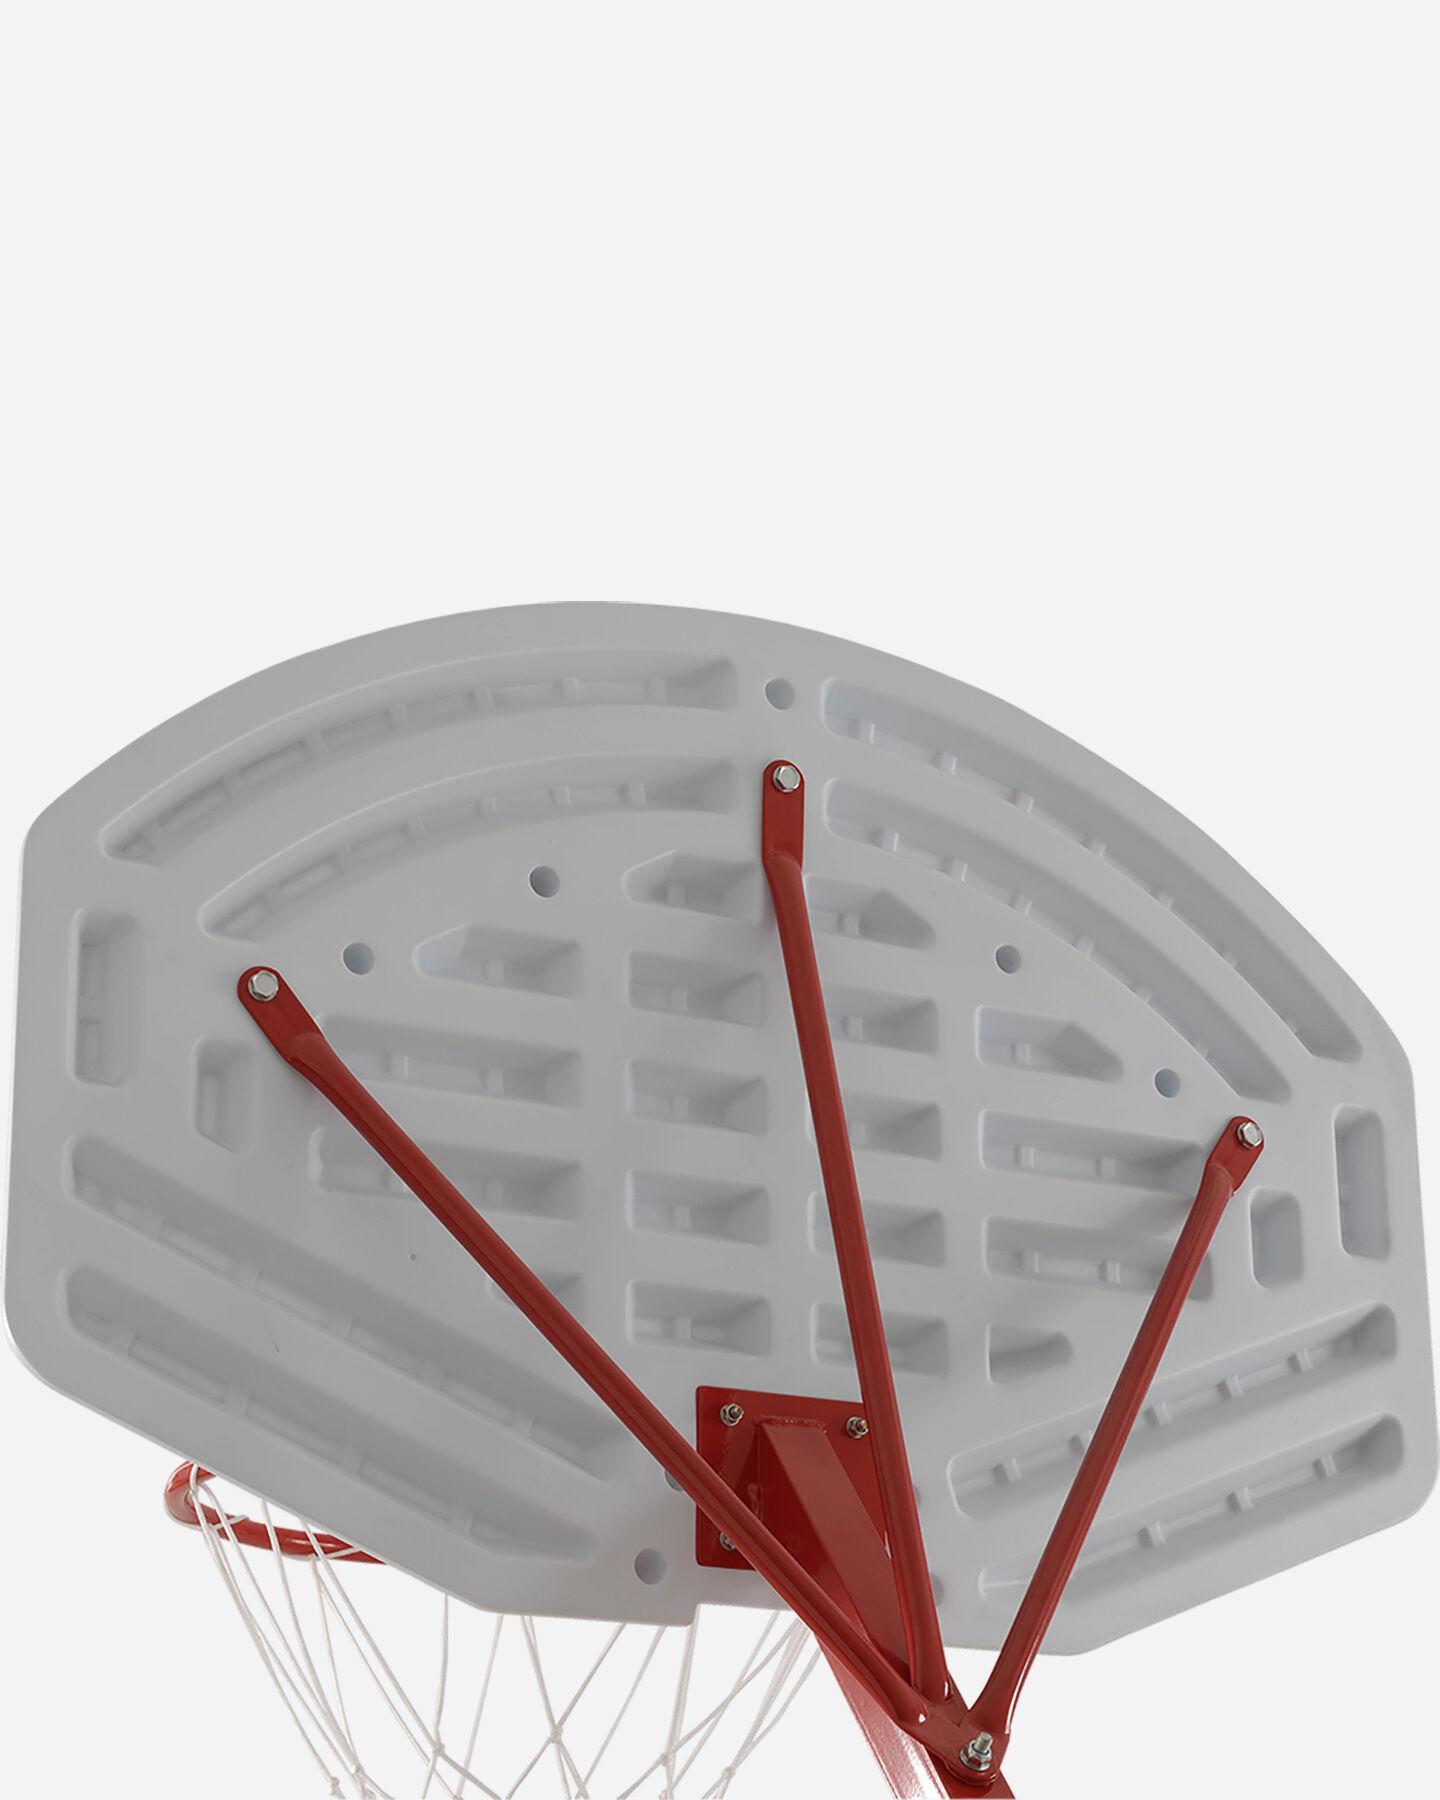 Attrezzatura basket GARLANDO DETROIT S1287548|N.D.|UNI scatto 1